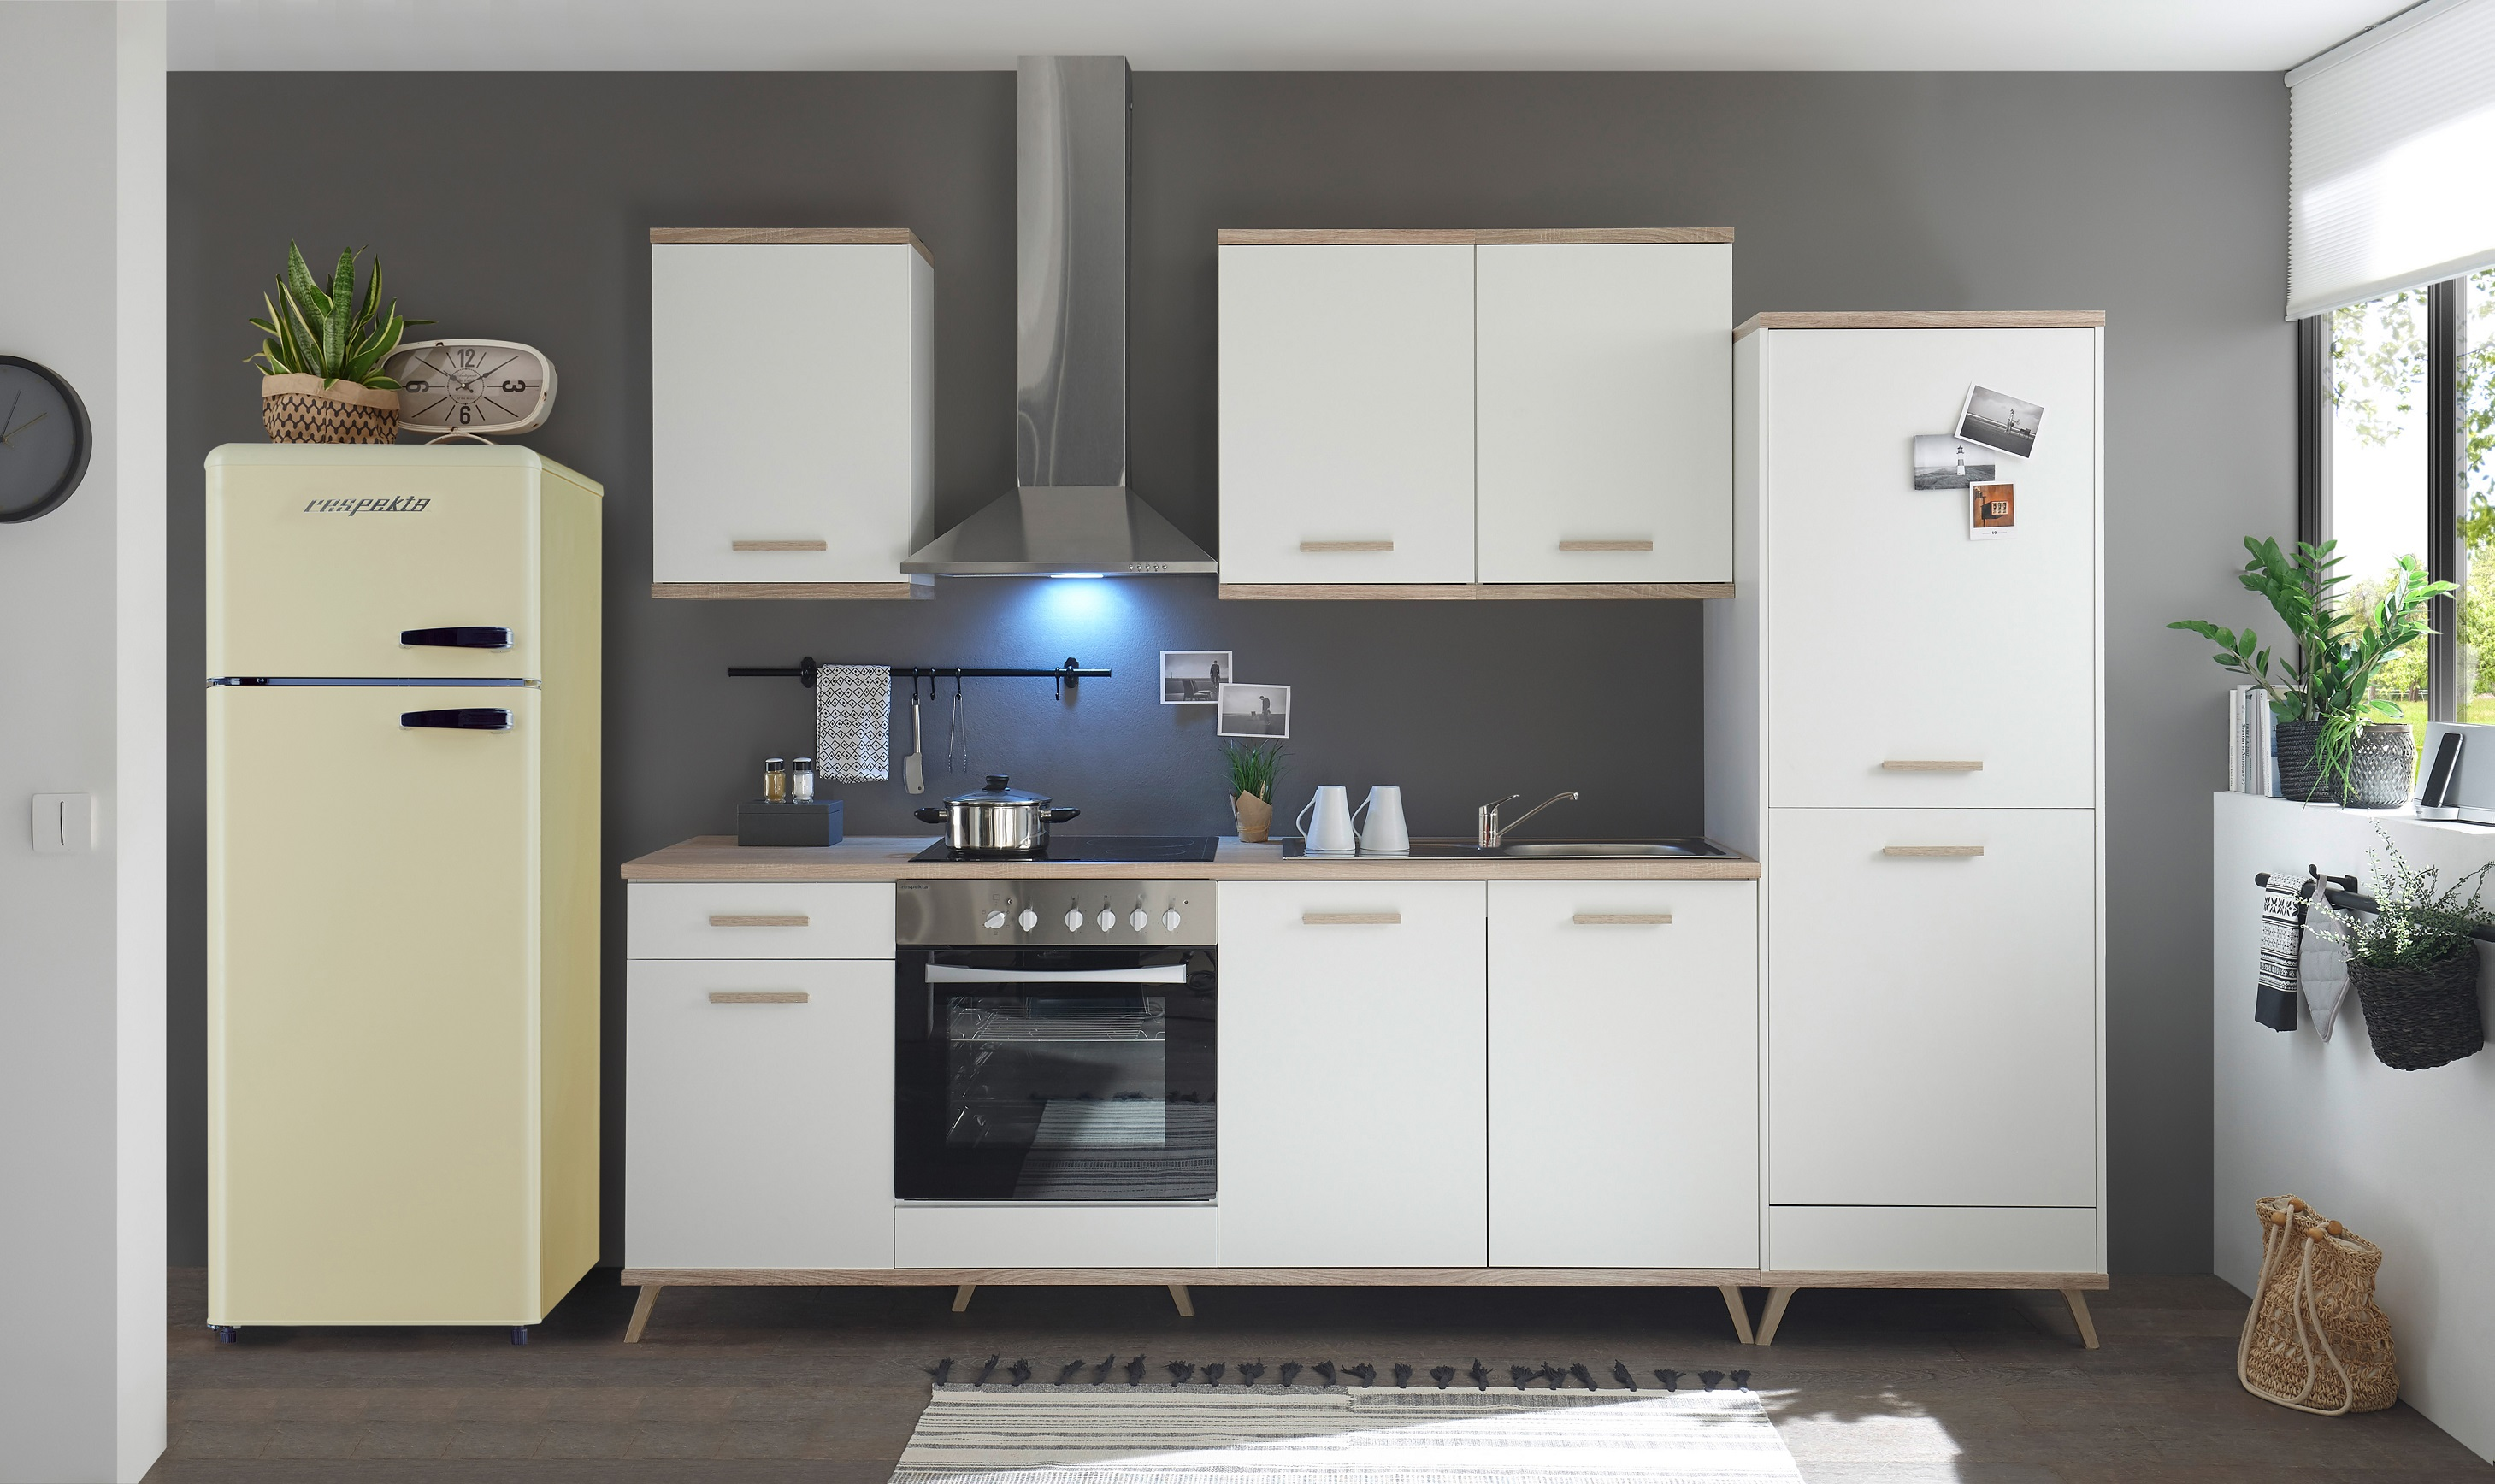 respekta Küche Küchenzeile Retro Küchenblock Einbauküche 330 cm weiß scandic